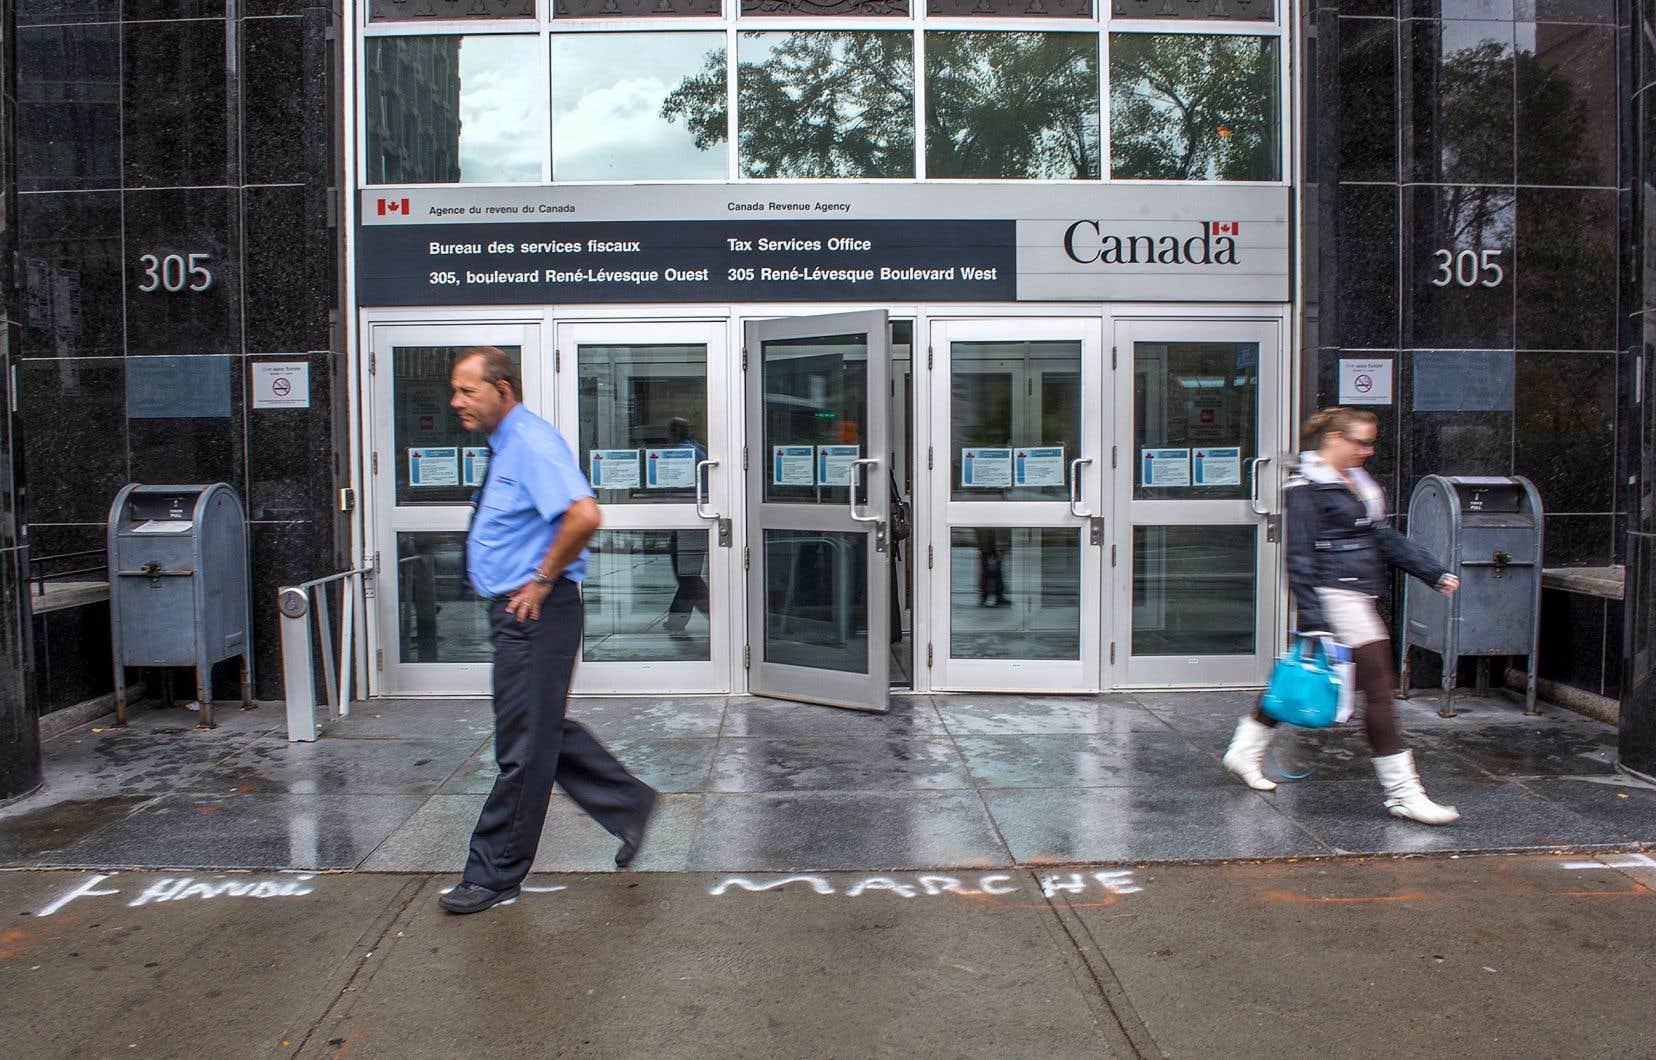 Selon l'auteur, tant l'Agence de revenu du Canada que Revenu Québec vont certainement résister bec et ongles aux velléités des élus de les saborder au profit de l'autre.